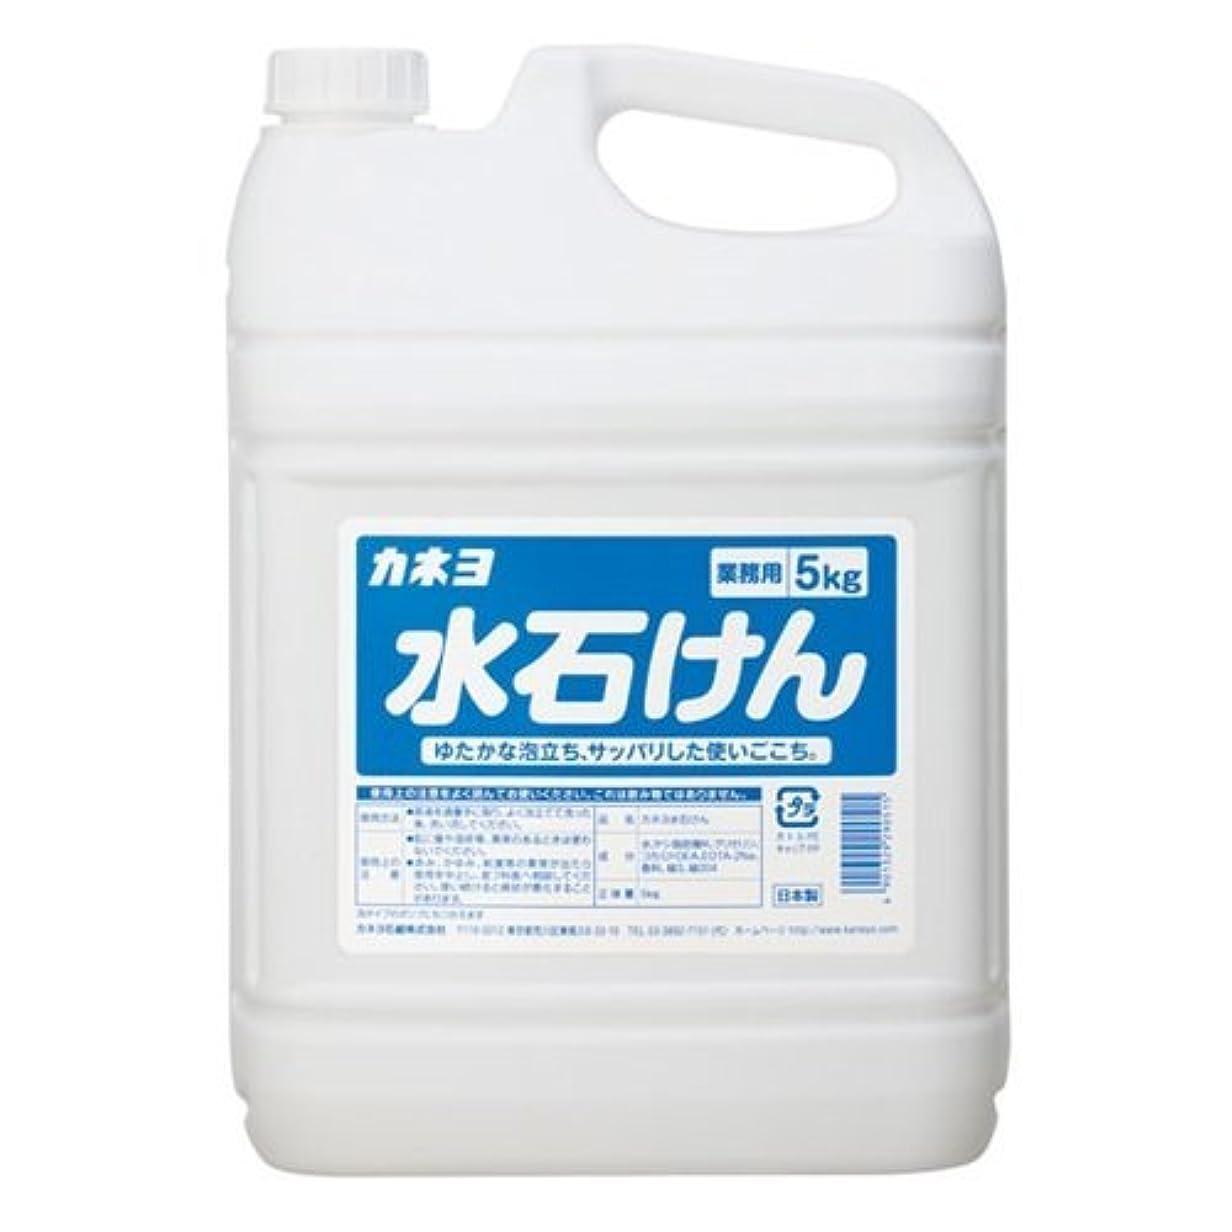 死の顎考慮敬【ケース販売】業務用 カネヨ水石けん 5㎏×3本